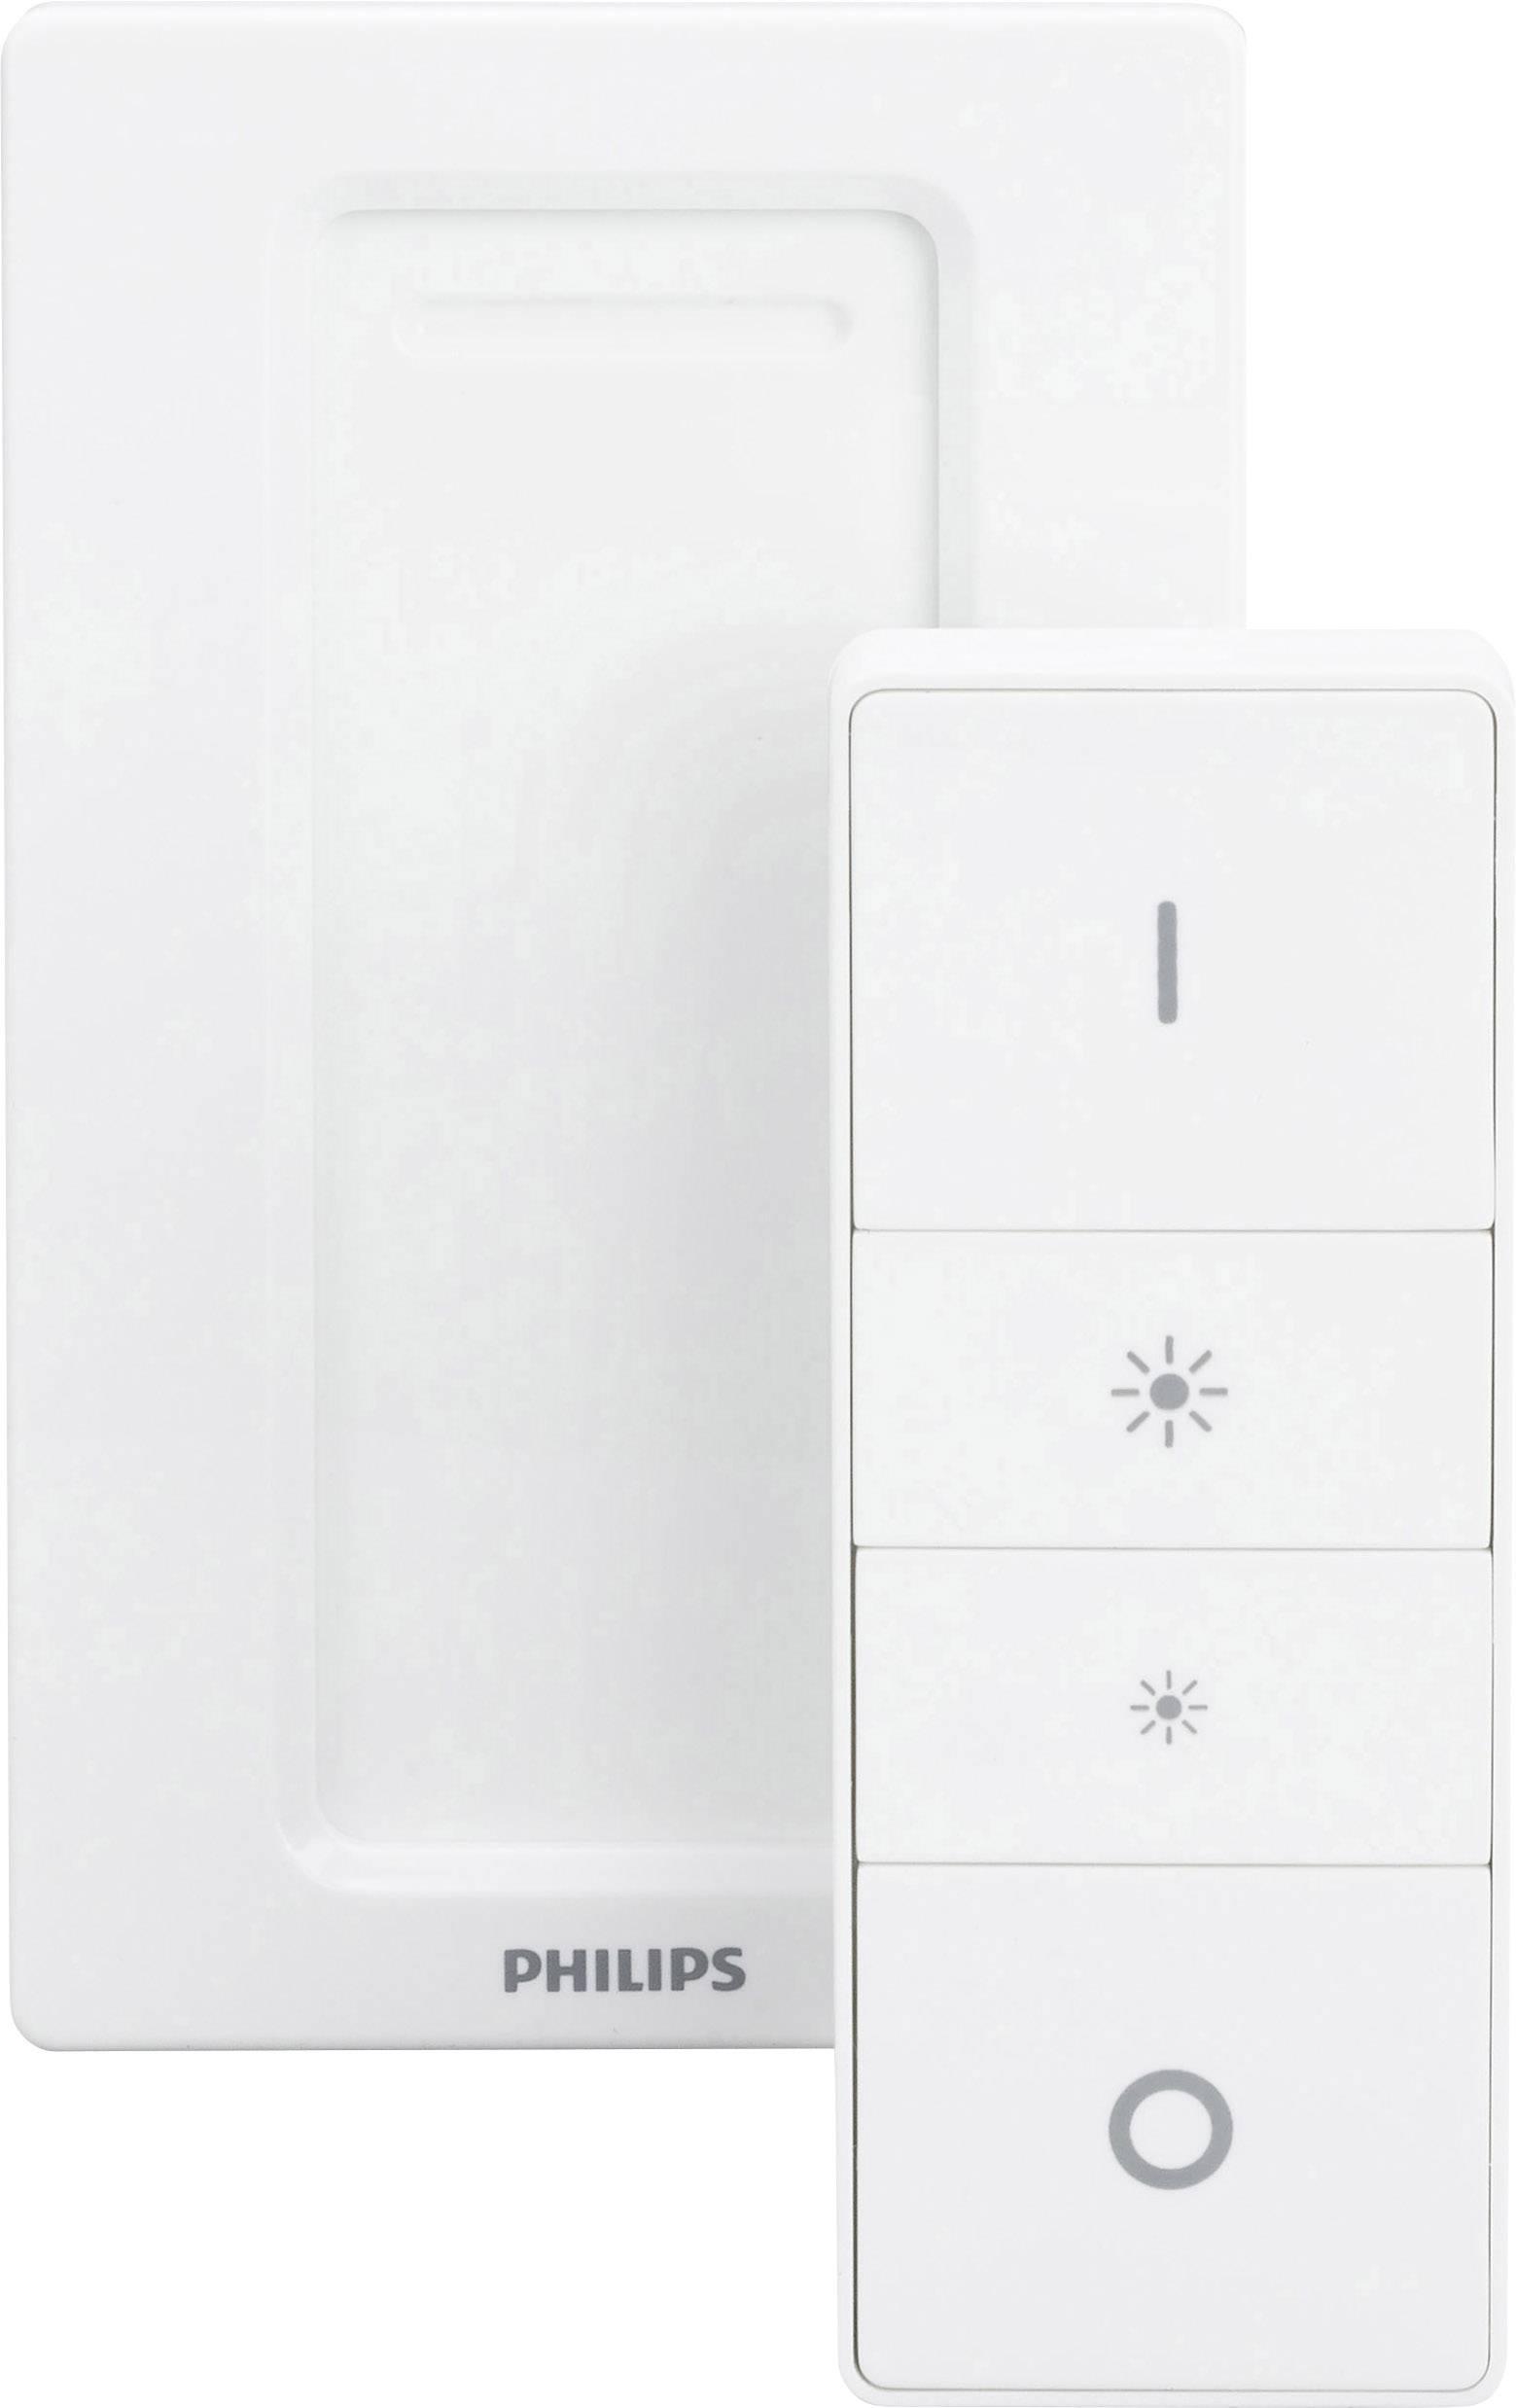 izdelek-philips-lighting-hue-brezzicni-zatemnilnik-dimmer-switch